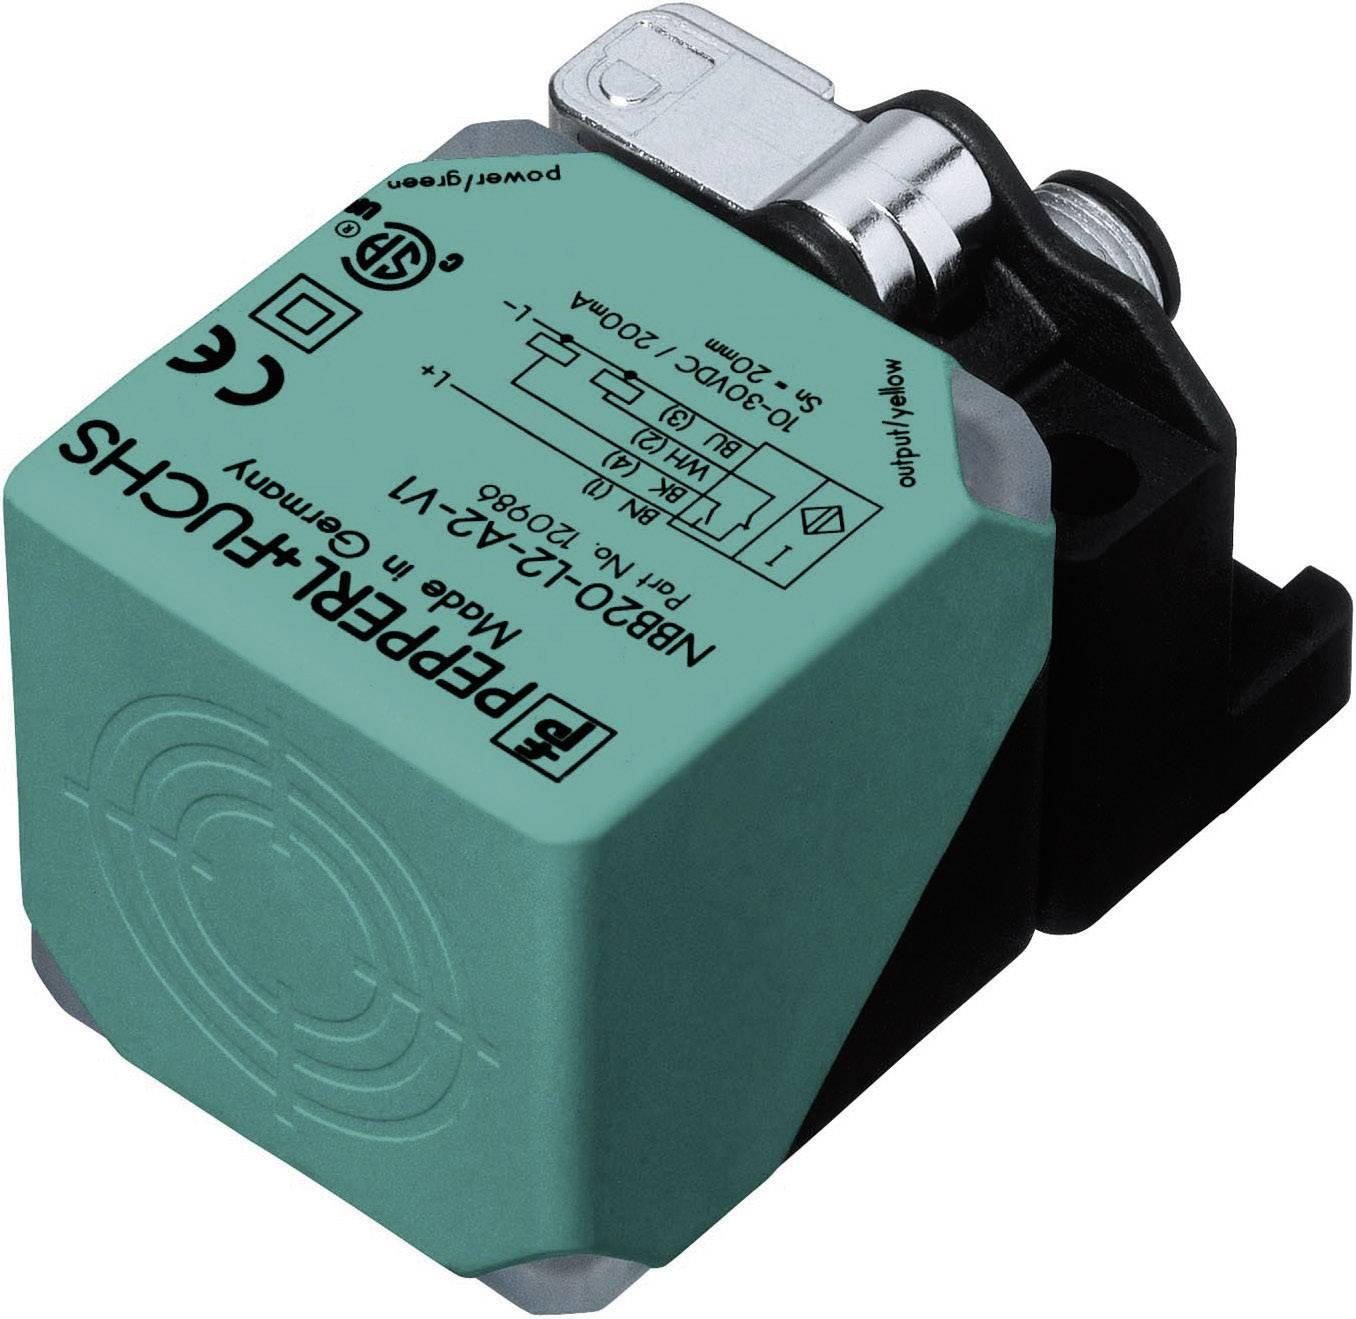 Indukčný senzor priblíženia Pepperl & Fuchs NBN40-L2-A2-V1, 40 x 40 mm, spínacia vzdialenosť (max.) 40 mm